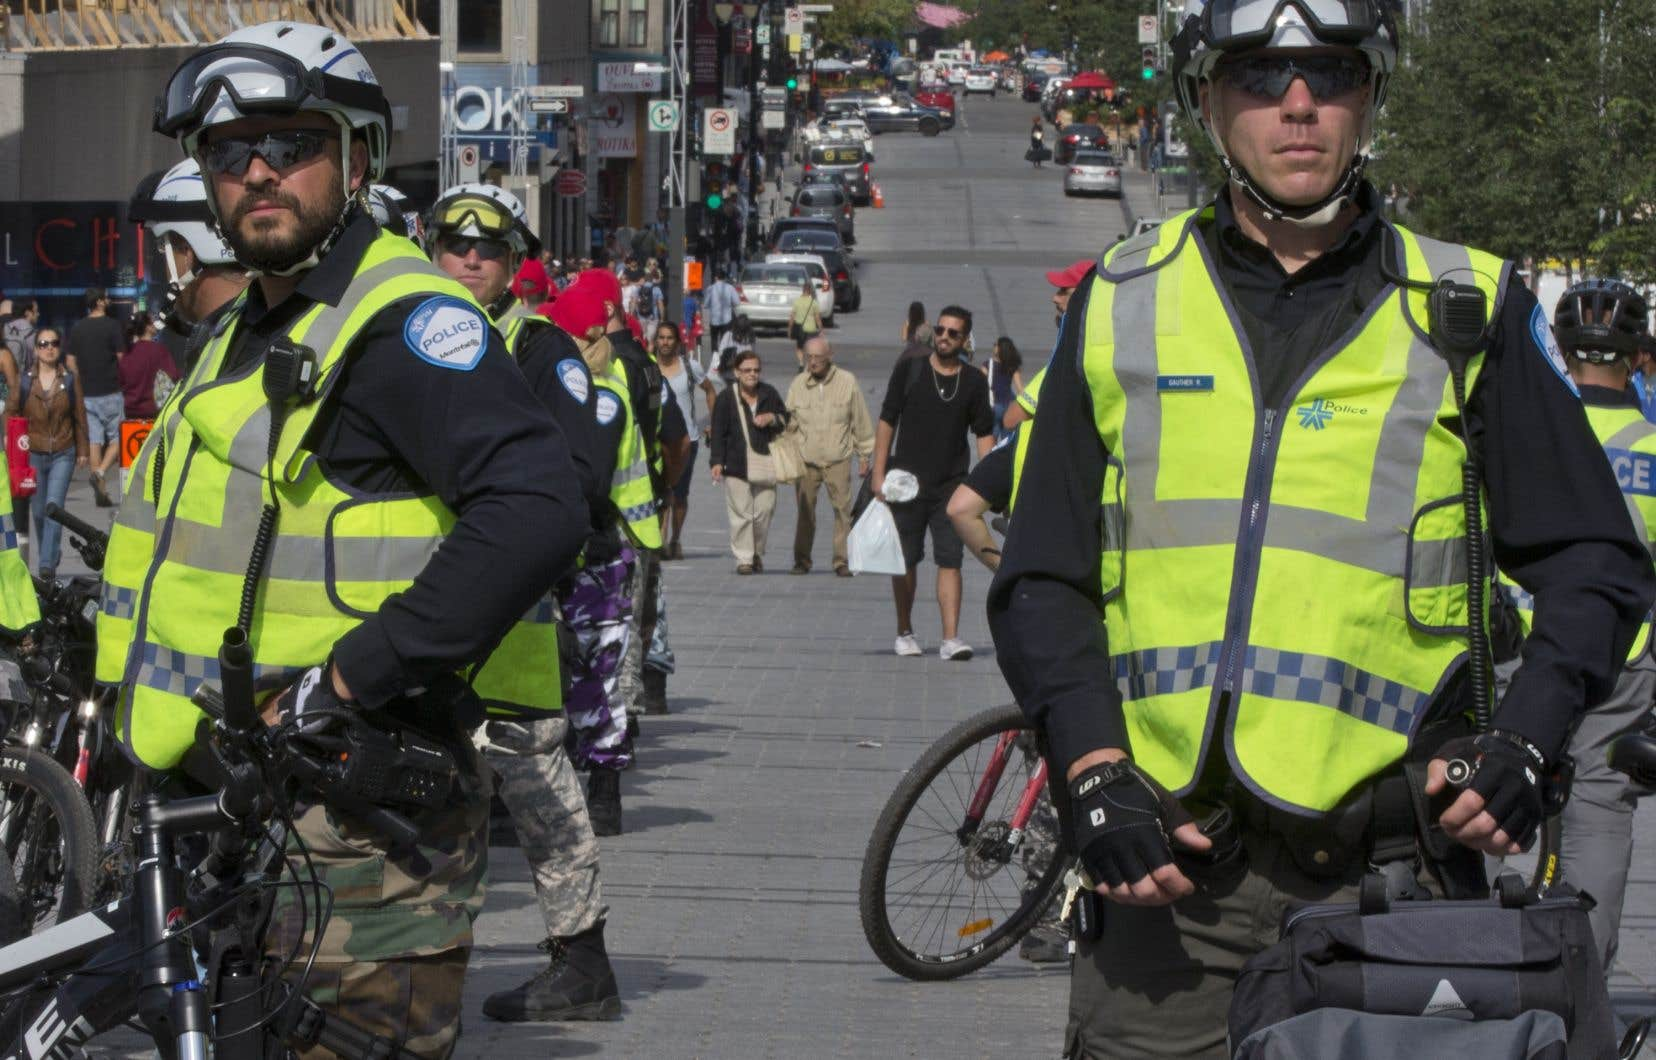 Il existe un consensus fort au Québec quant à l'inadmissibilité du port de signes religieux ostentatoires par les représentants de l'État disposant d'un pouvoir de contrainte comme les policiers, souligne l'auteur.